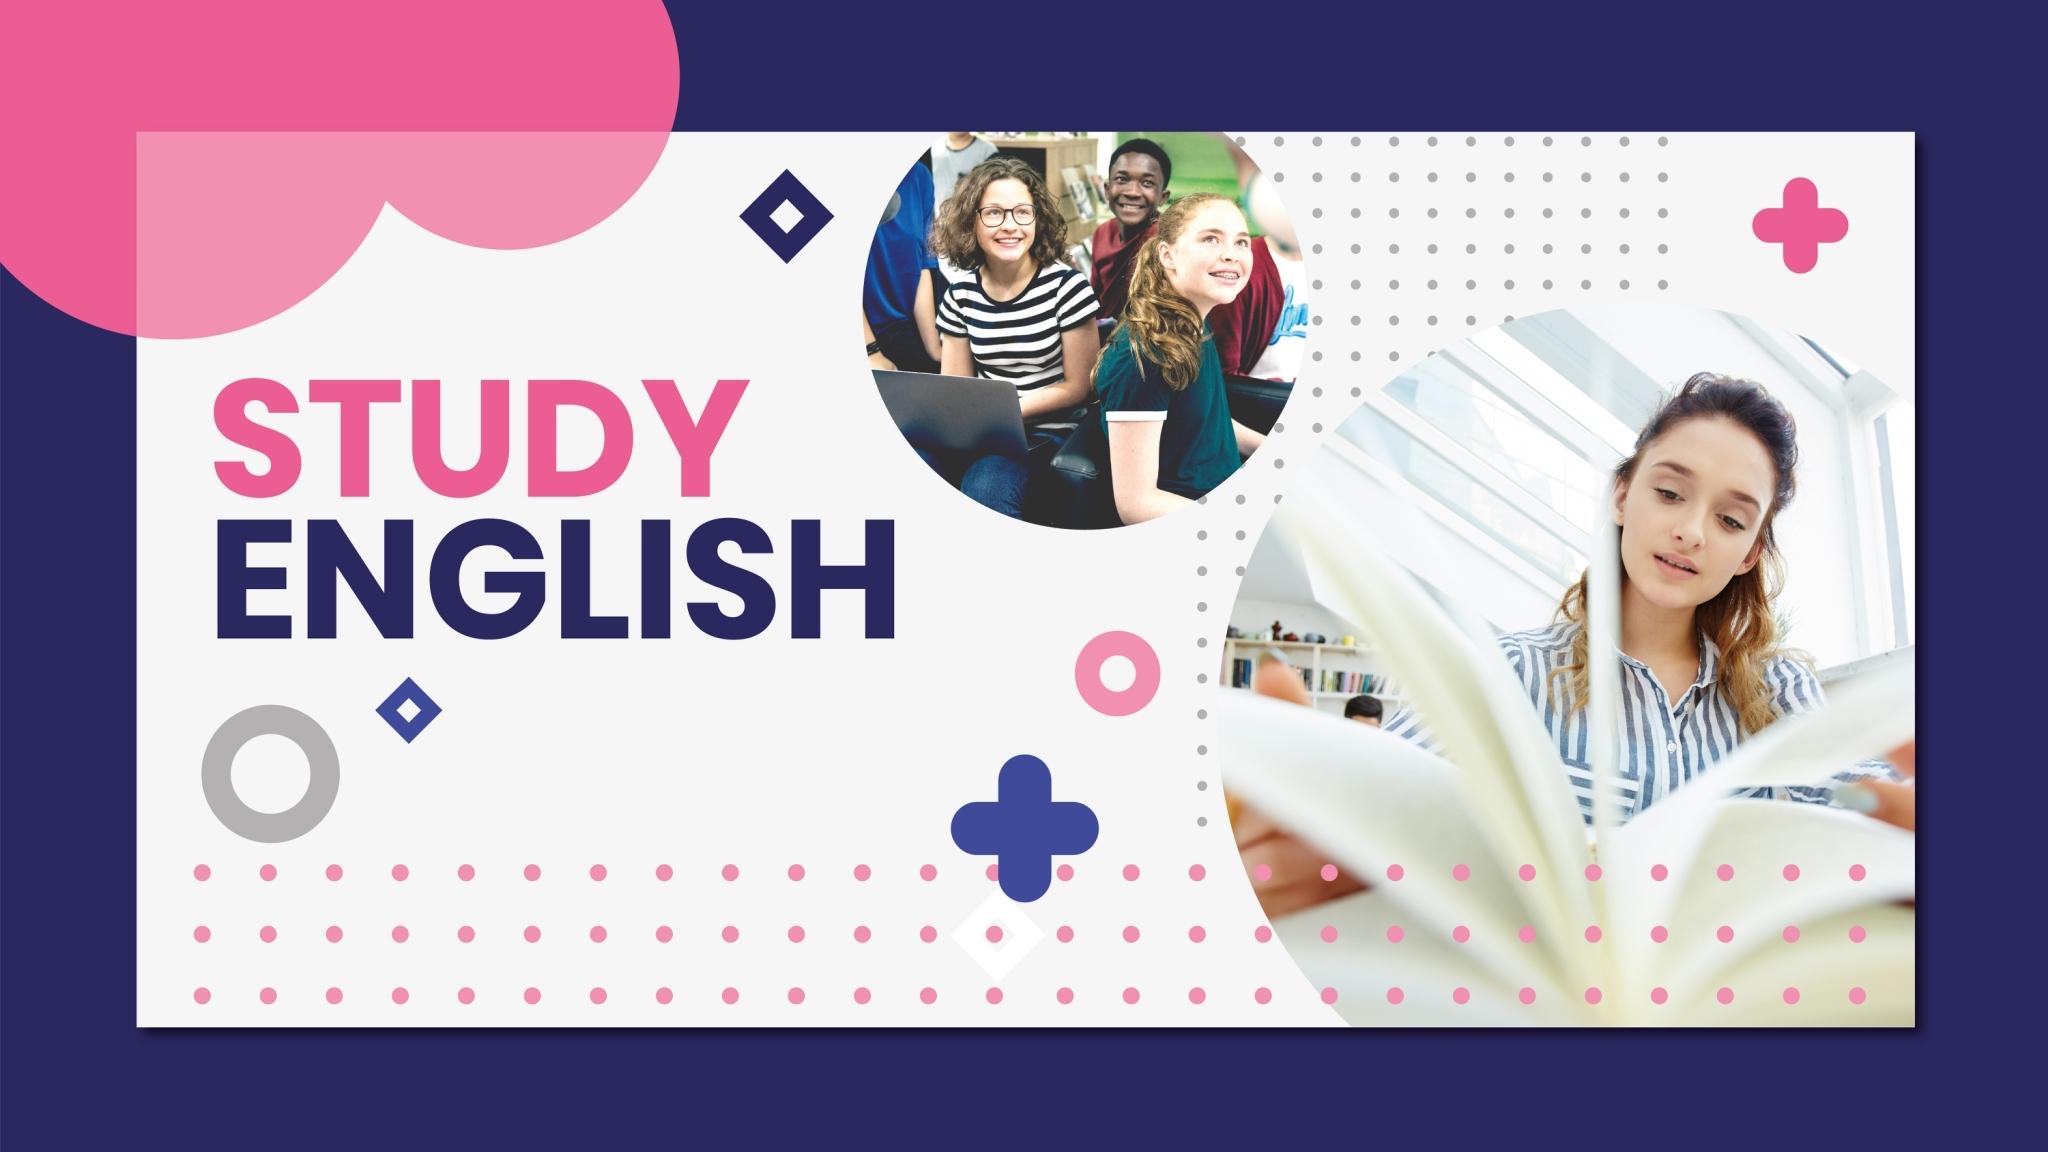 เรียนภาษาอังกฤษที่ต่างประเทศ เรียนภาษาที่ต่างประเทศ